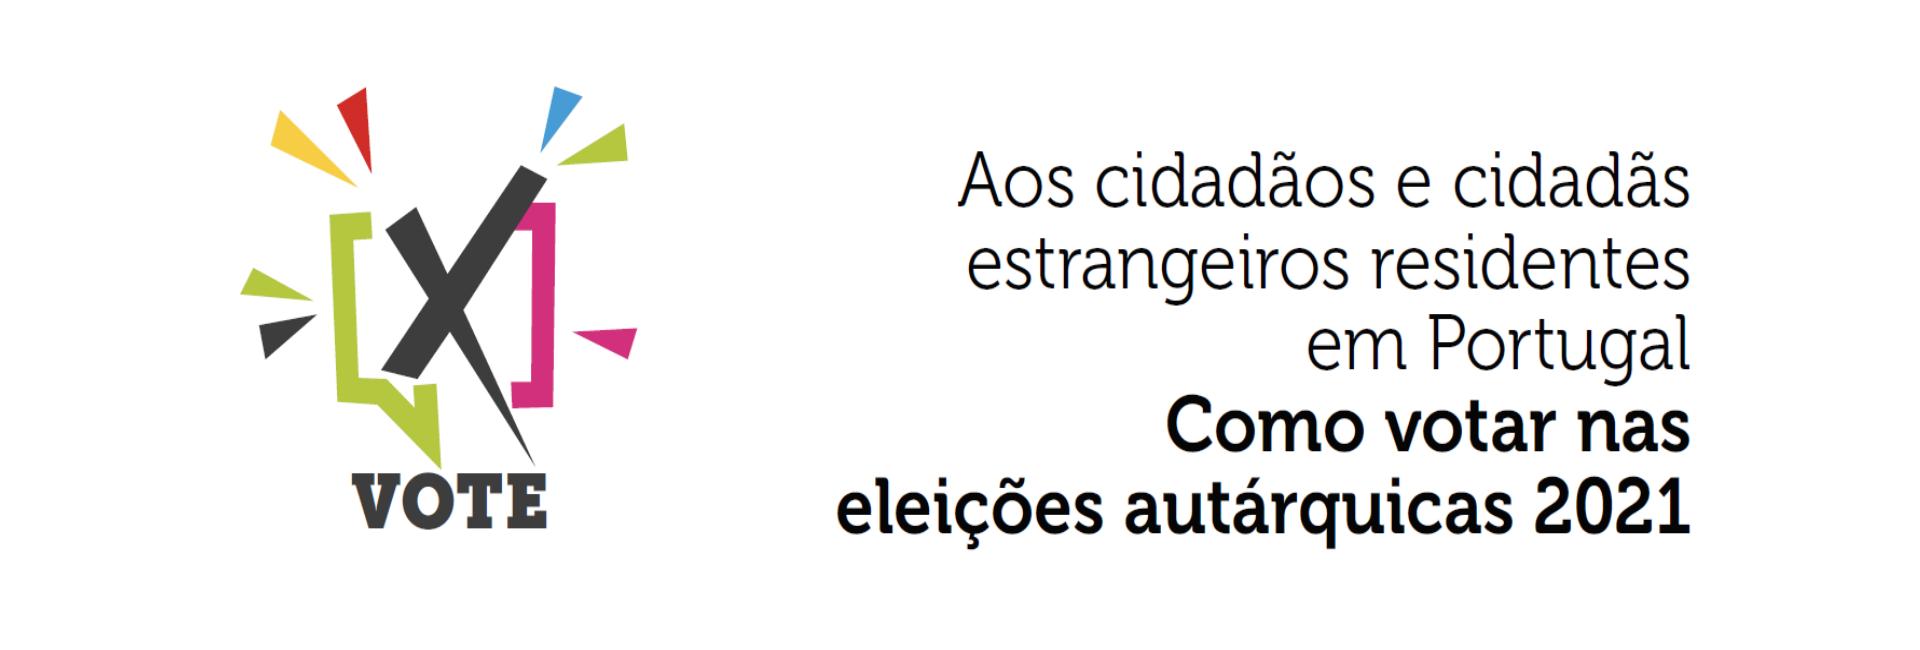 campanha vote